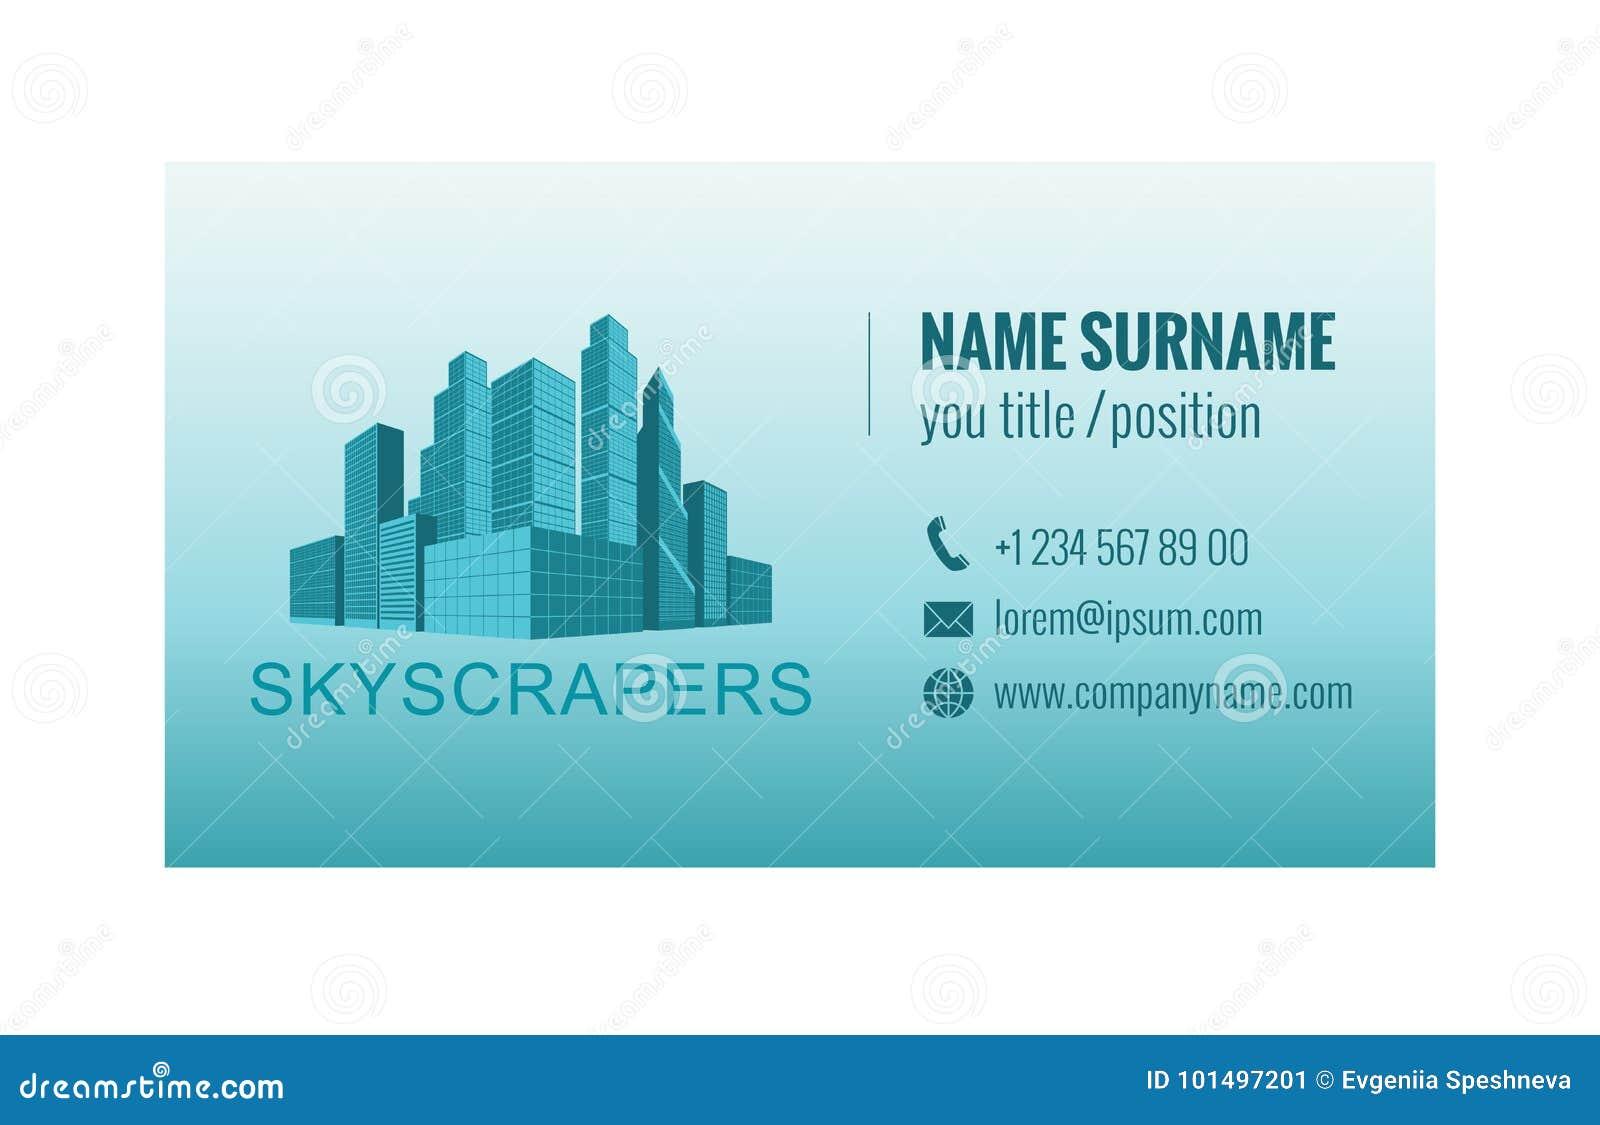 Πρότυπο επαγγελματικών καρτών για την αντιπροσωπεία ακίνητων περιουσιών διάνυσμα προτύπων επιχειρησιακής εταιρικό ταυτότητας έργω